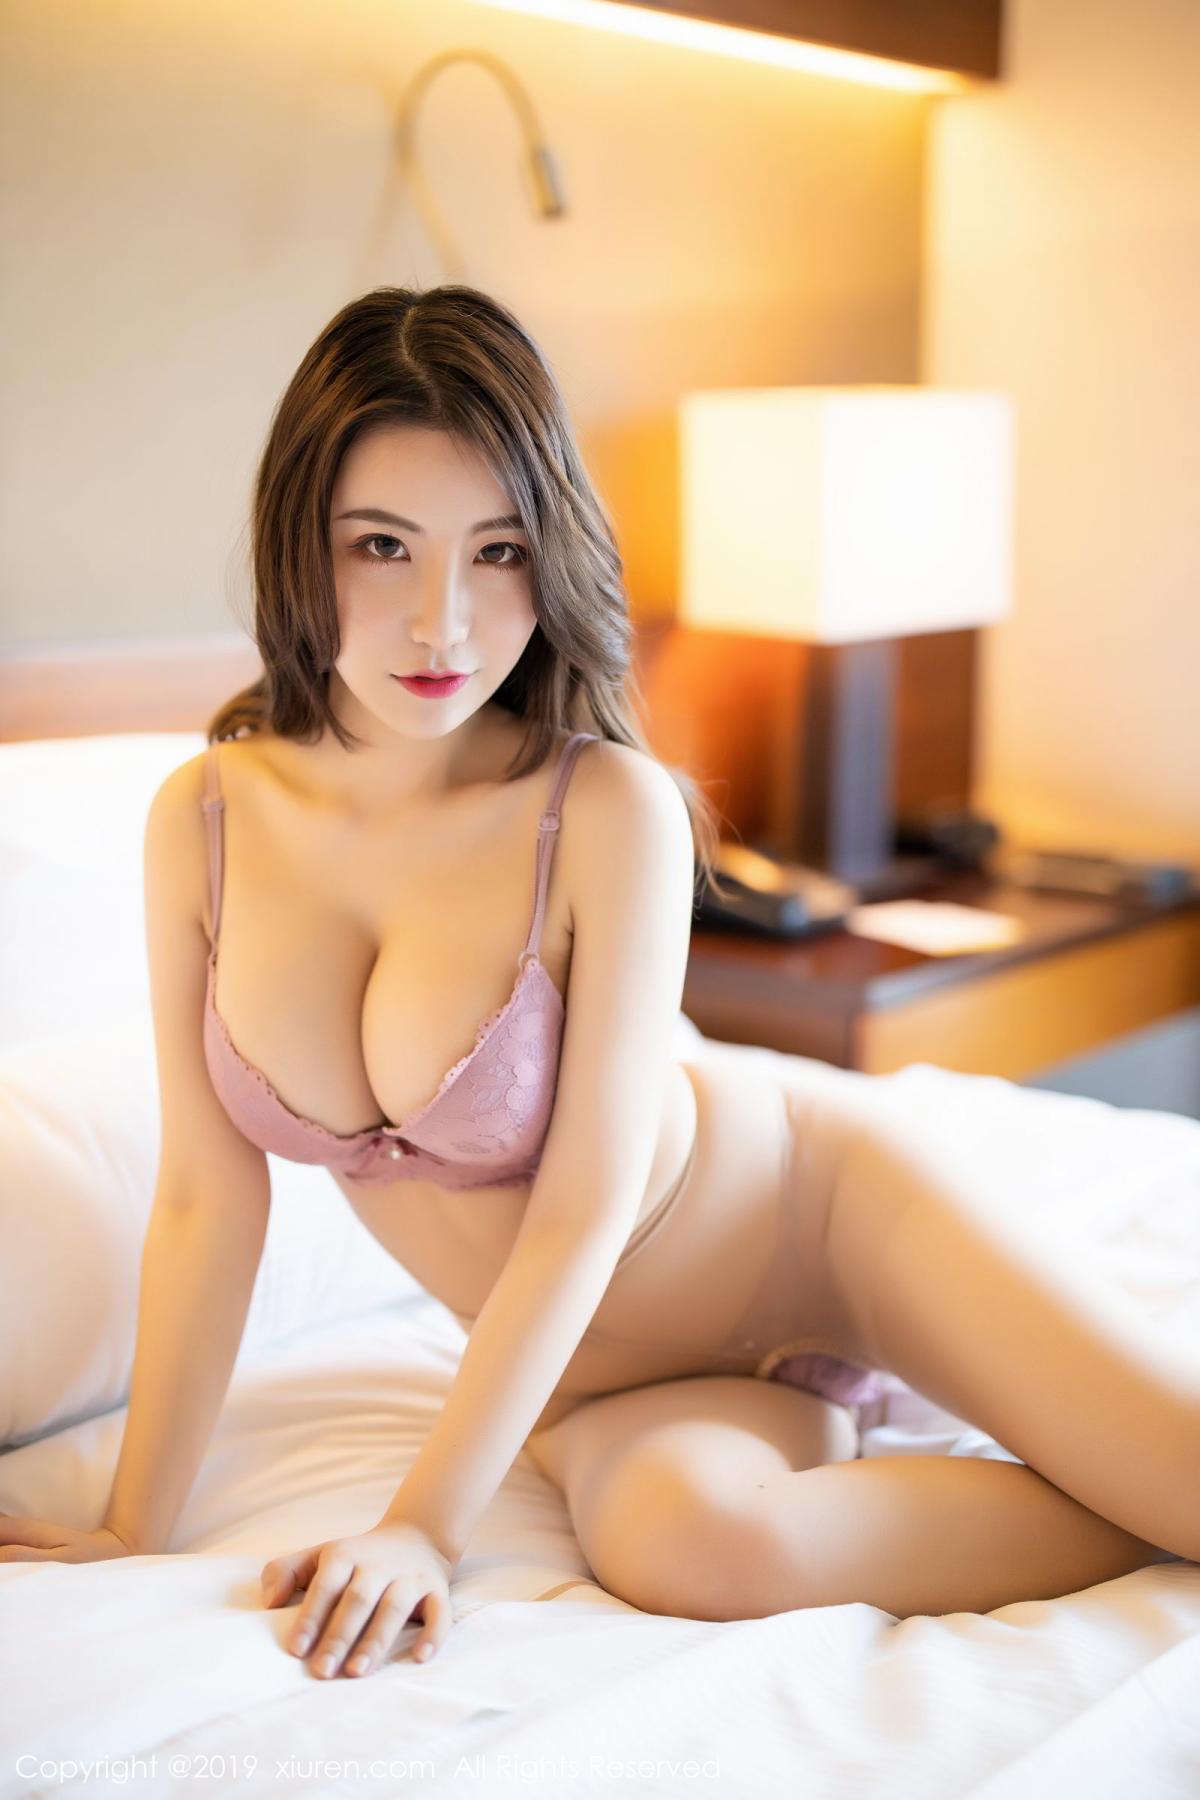 [XiaoYu] Vol.1697 Xie Zhi Xin 41P, Home, Sexy, XiaoYu, Xie Zhi Xin